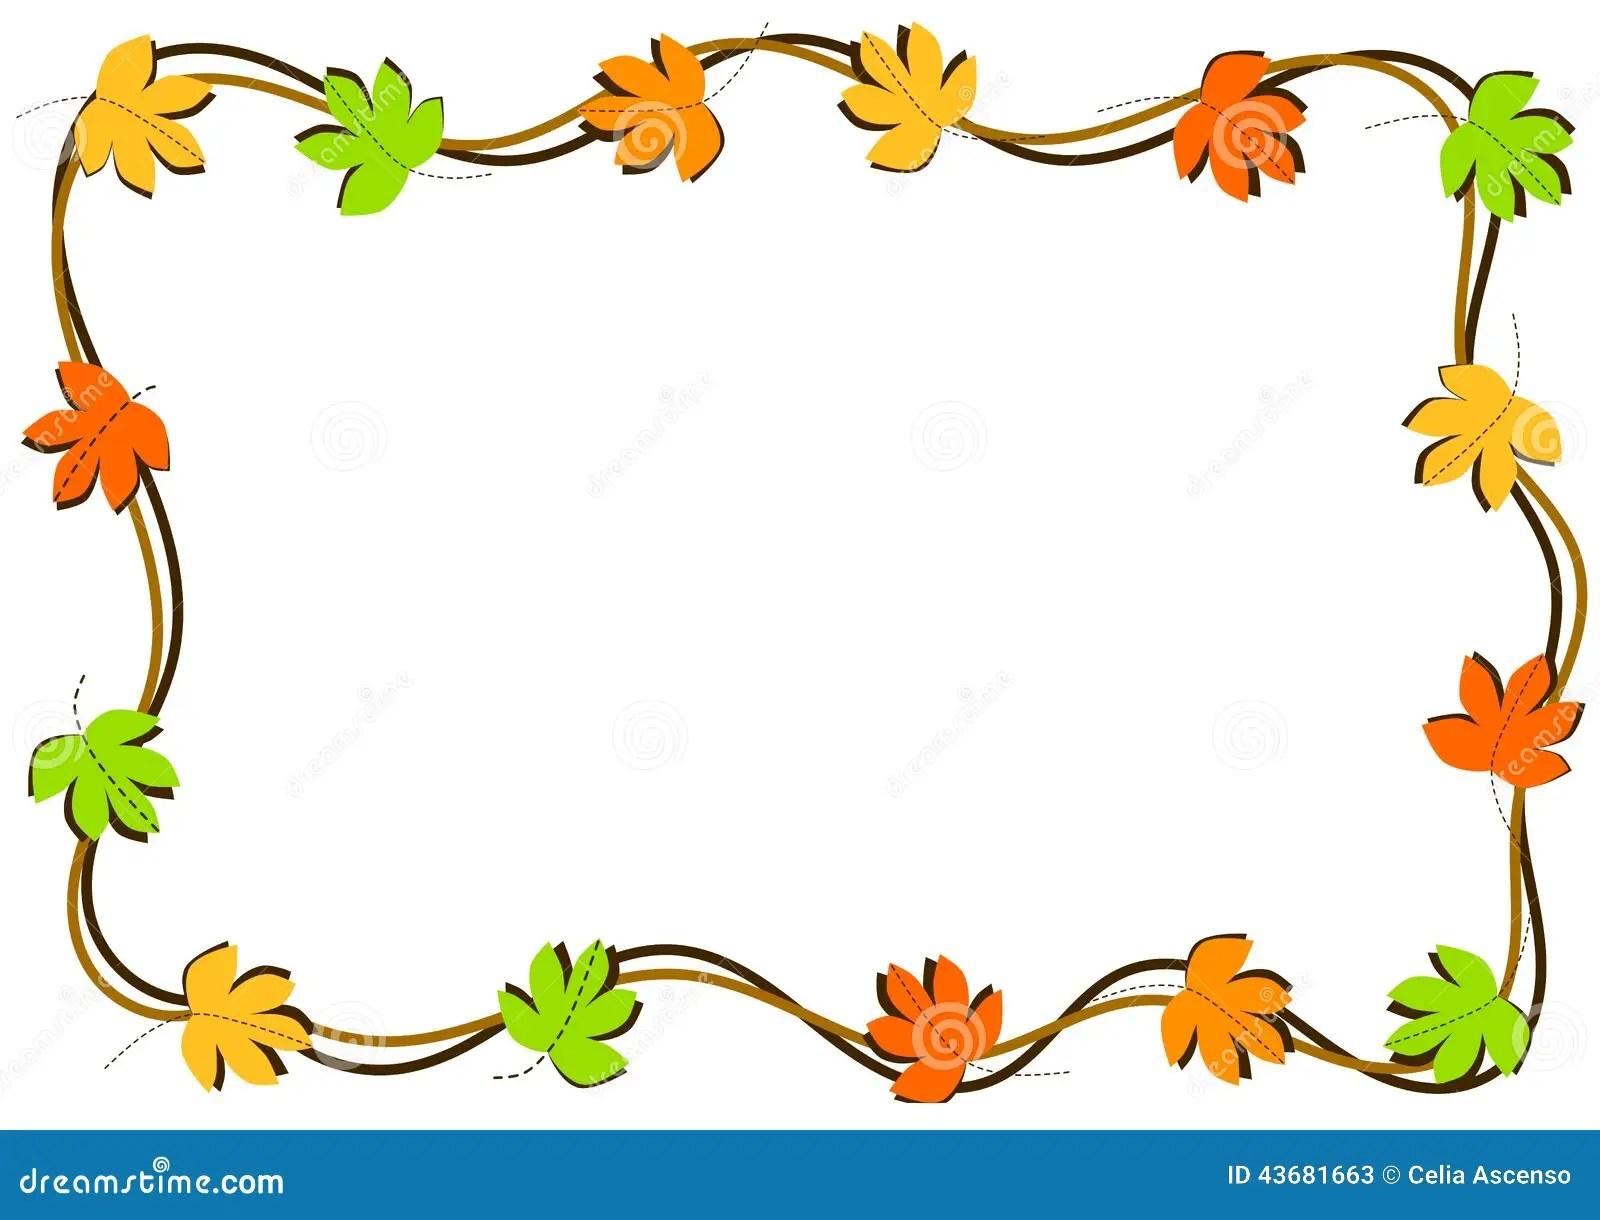 Design Love Fest Wallpaper Fall Autumn Leaves Border Frame Stock Illustration Image Of